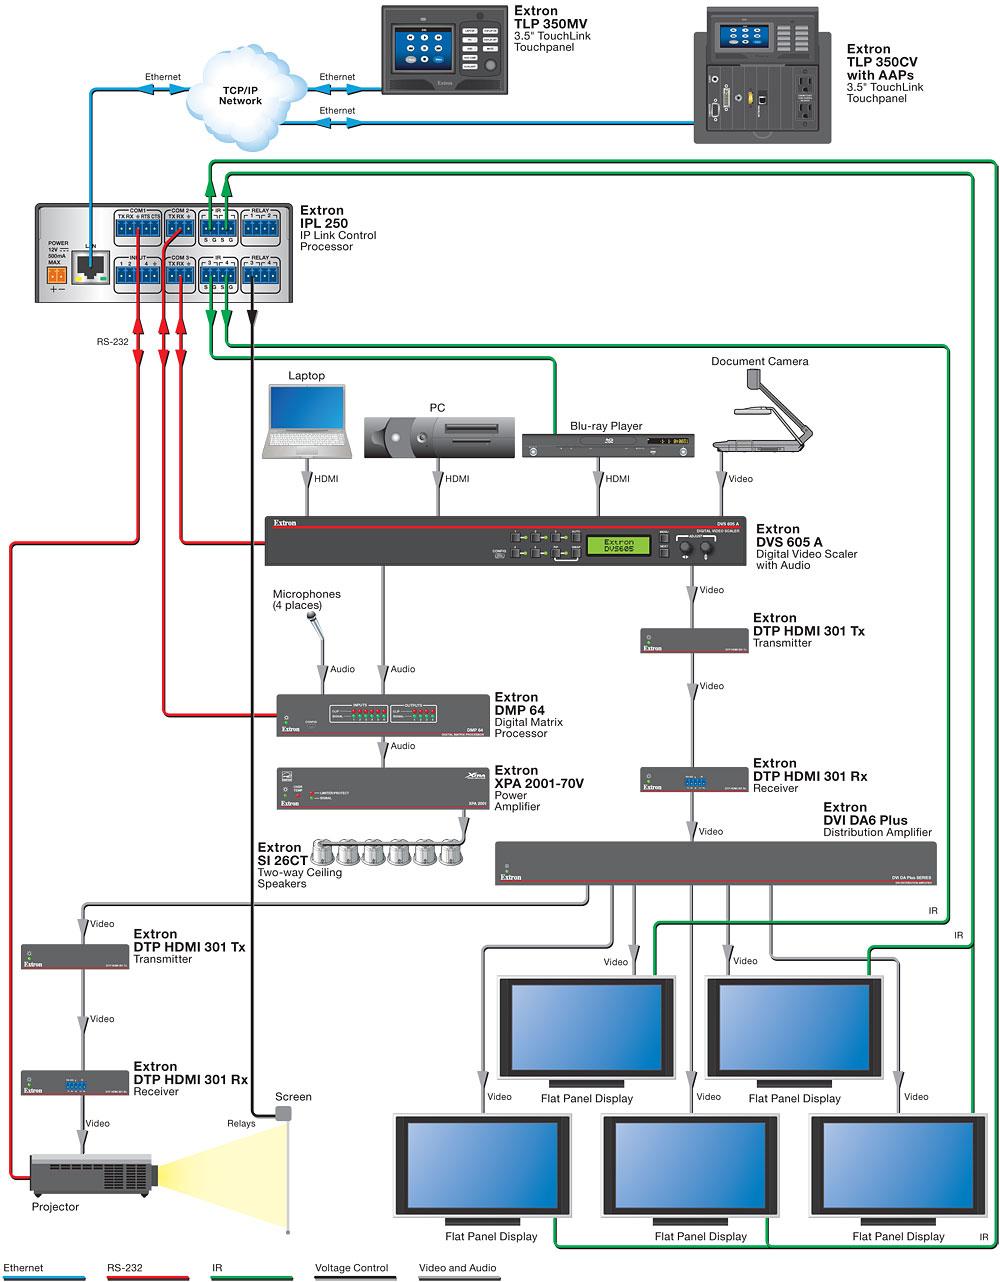 hight resolution of boardroom extron systems engineering av system design diagram